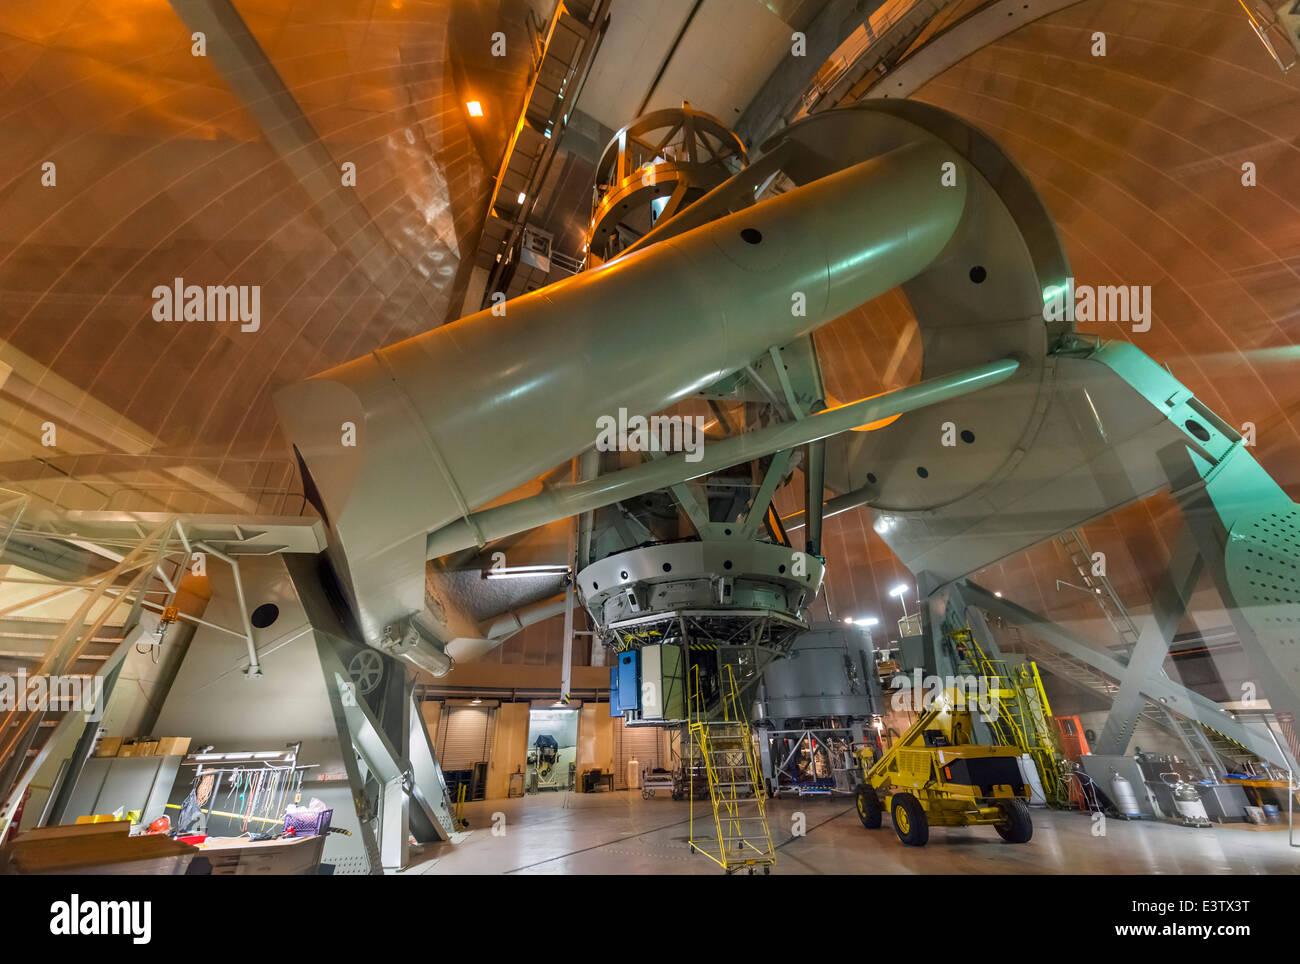 Interno del 200 pollici telescopio Hale presso l'Osservatorio Palomar, della Contea di San Diego, California, Immagini Stock